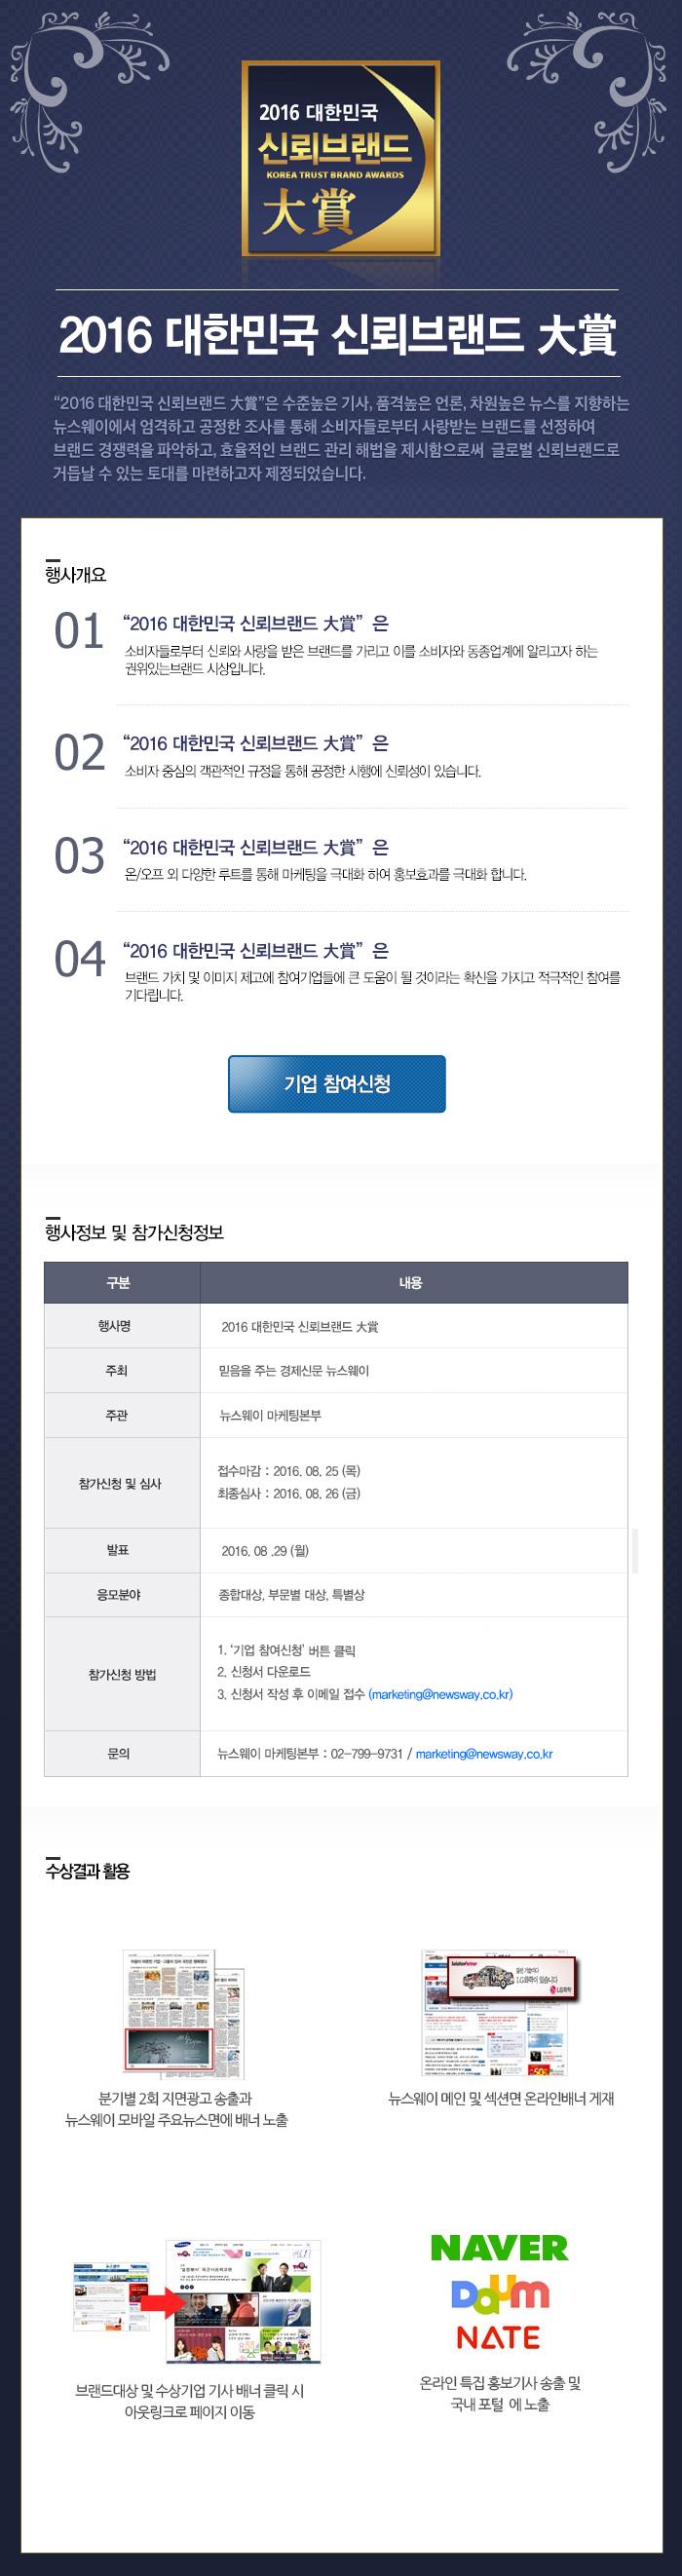 2016 대한민국 신뢰브랜드대상 이벤트